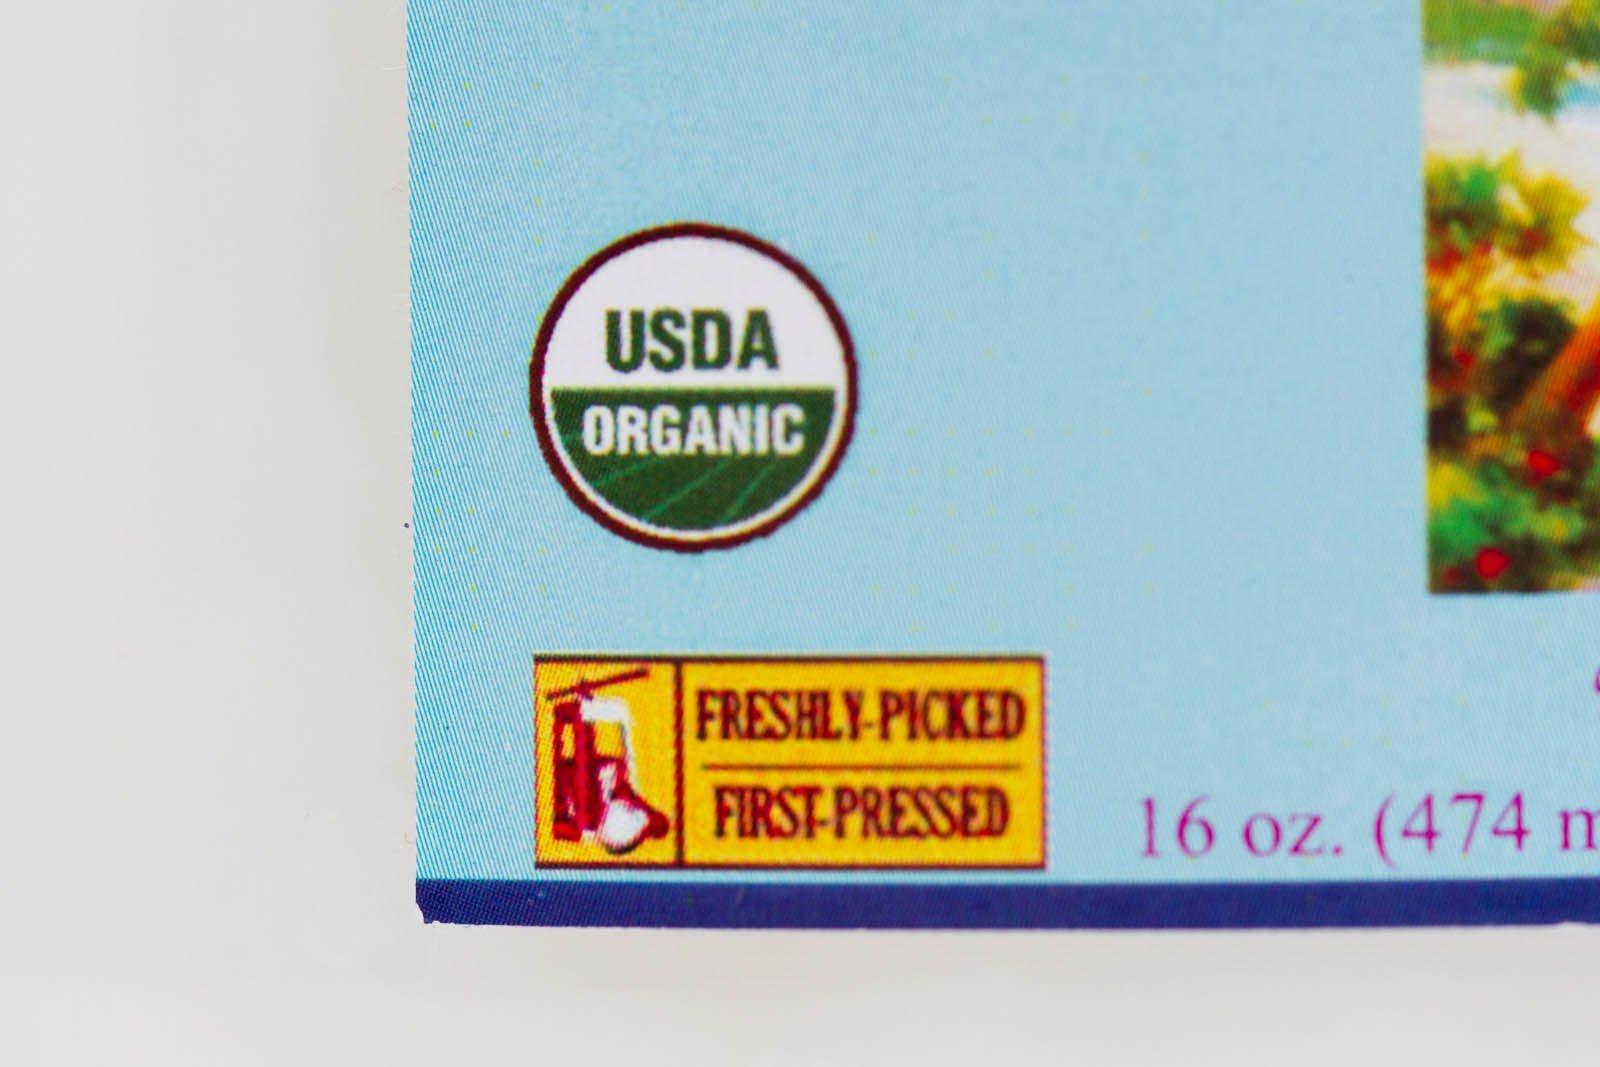 Organic 100% Virgin Coconut Oil MANILA COCO 16 oz - Natural Appetite Suppressant & Weight Loss :No Unproven Exotic Substances, Non-Pill Non-Capsule Non-Powder Liquid Fast :NO LIVER STRAIN Clean Fresh